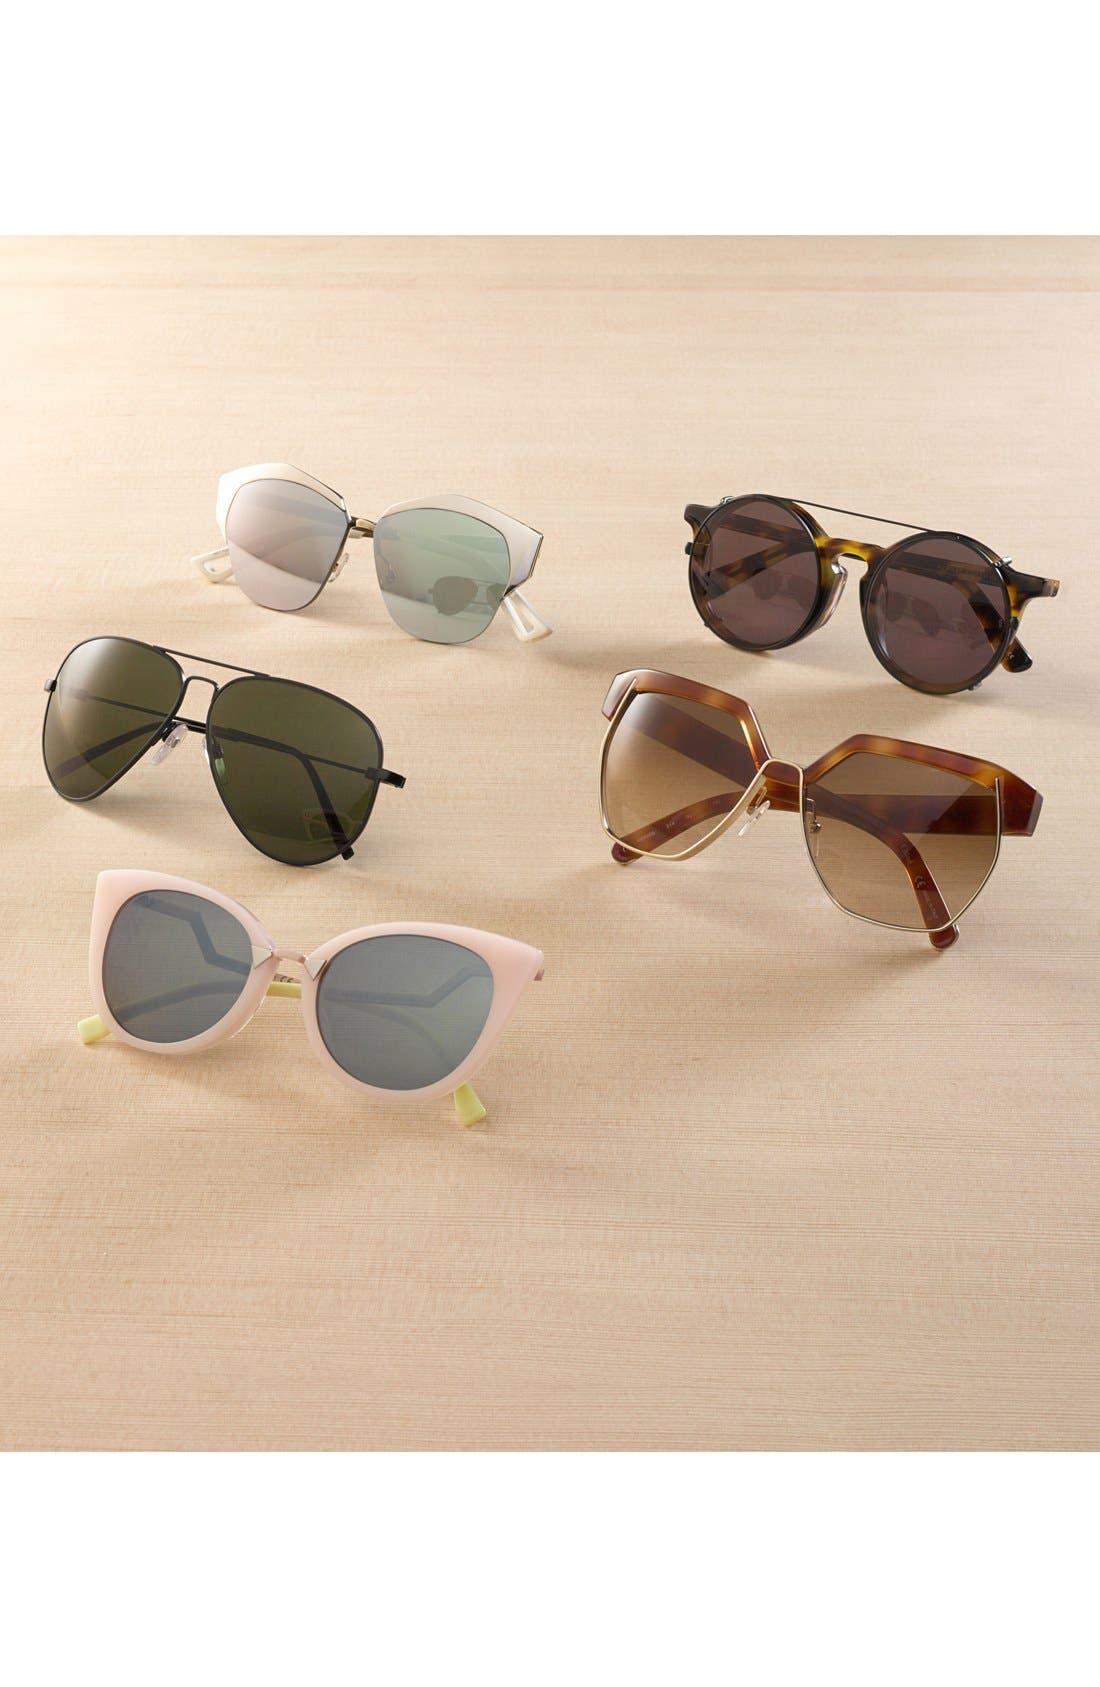 'AV1 XL' 62mm Aviator Sunglasses,                             Alternate thumbnail 4, color,                             GOLD/ BRONZE